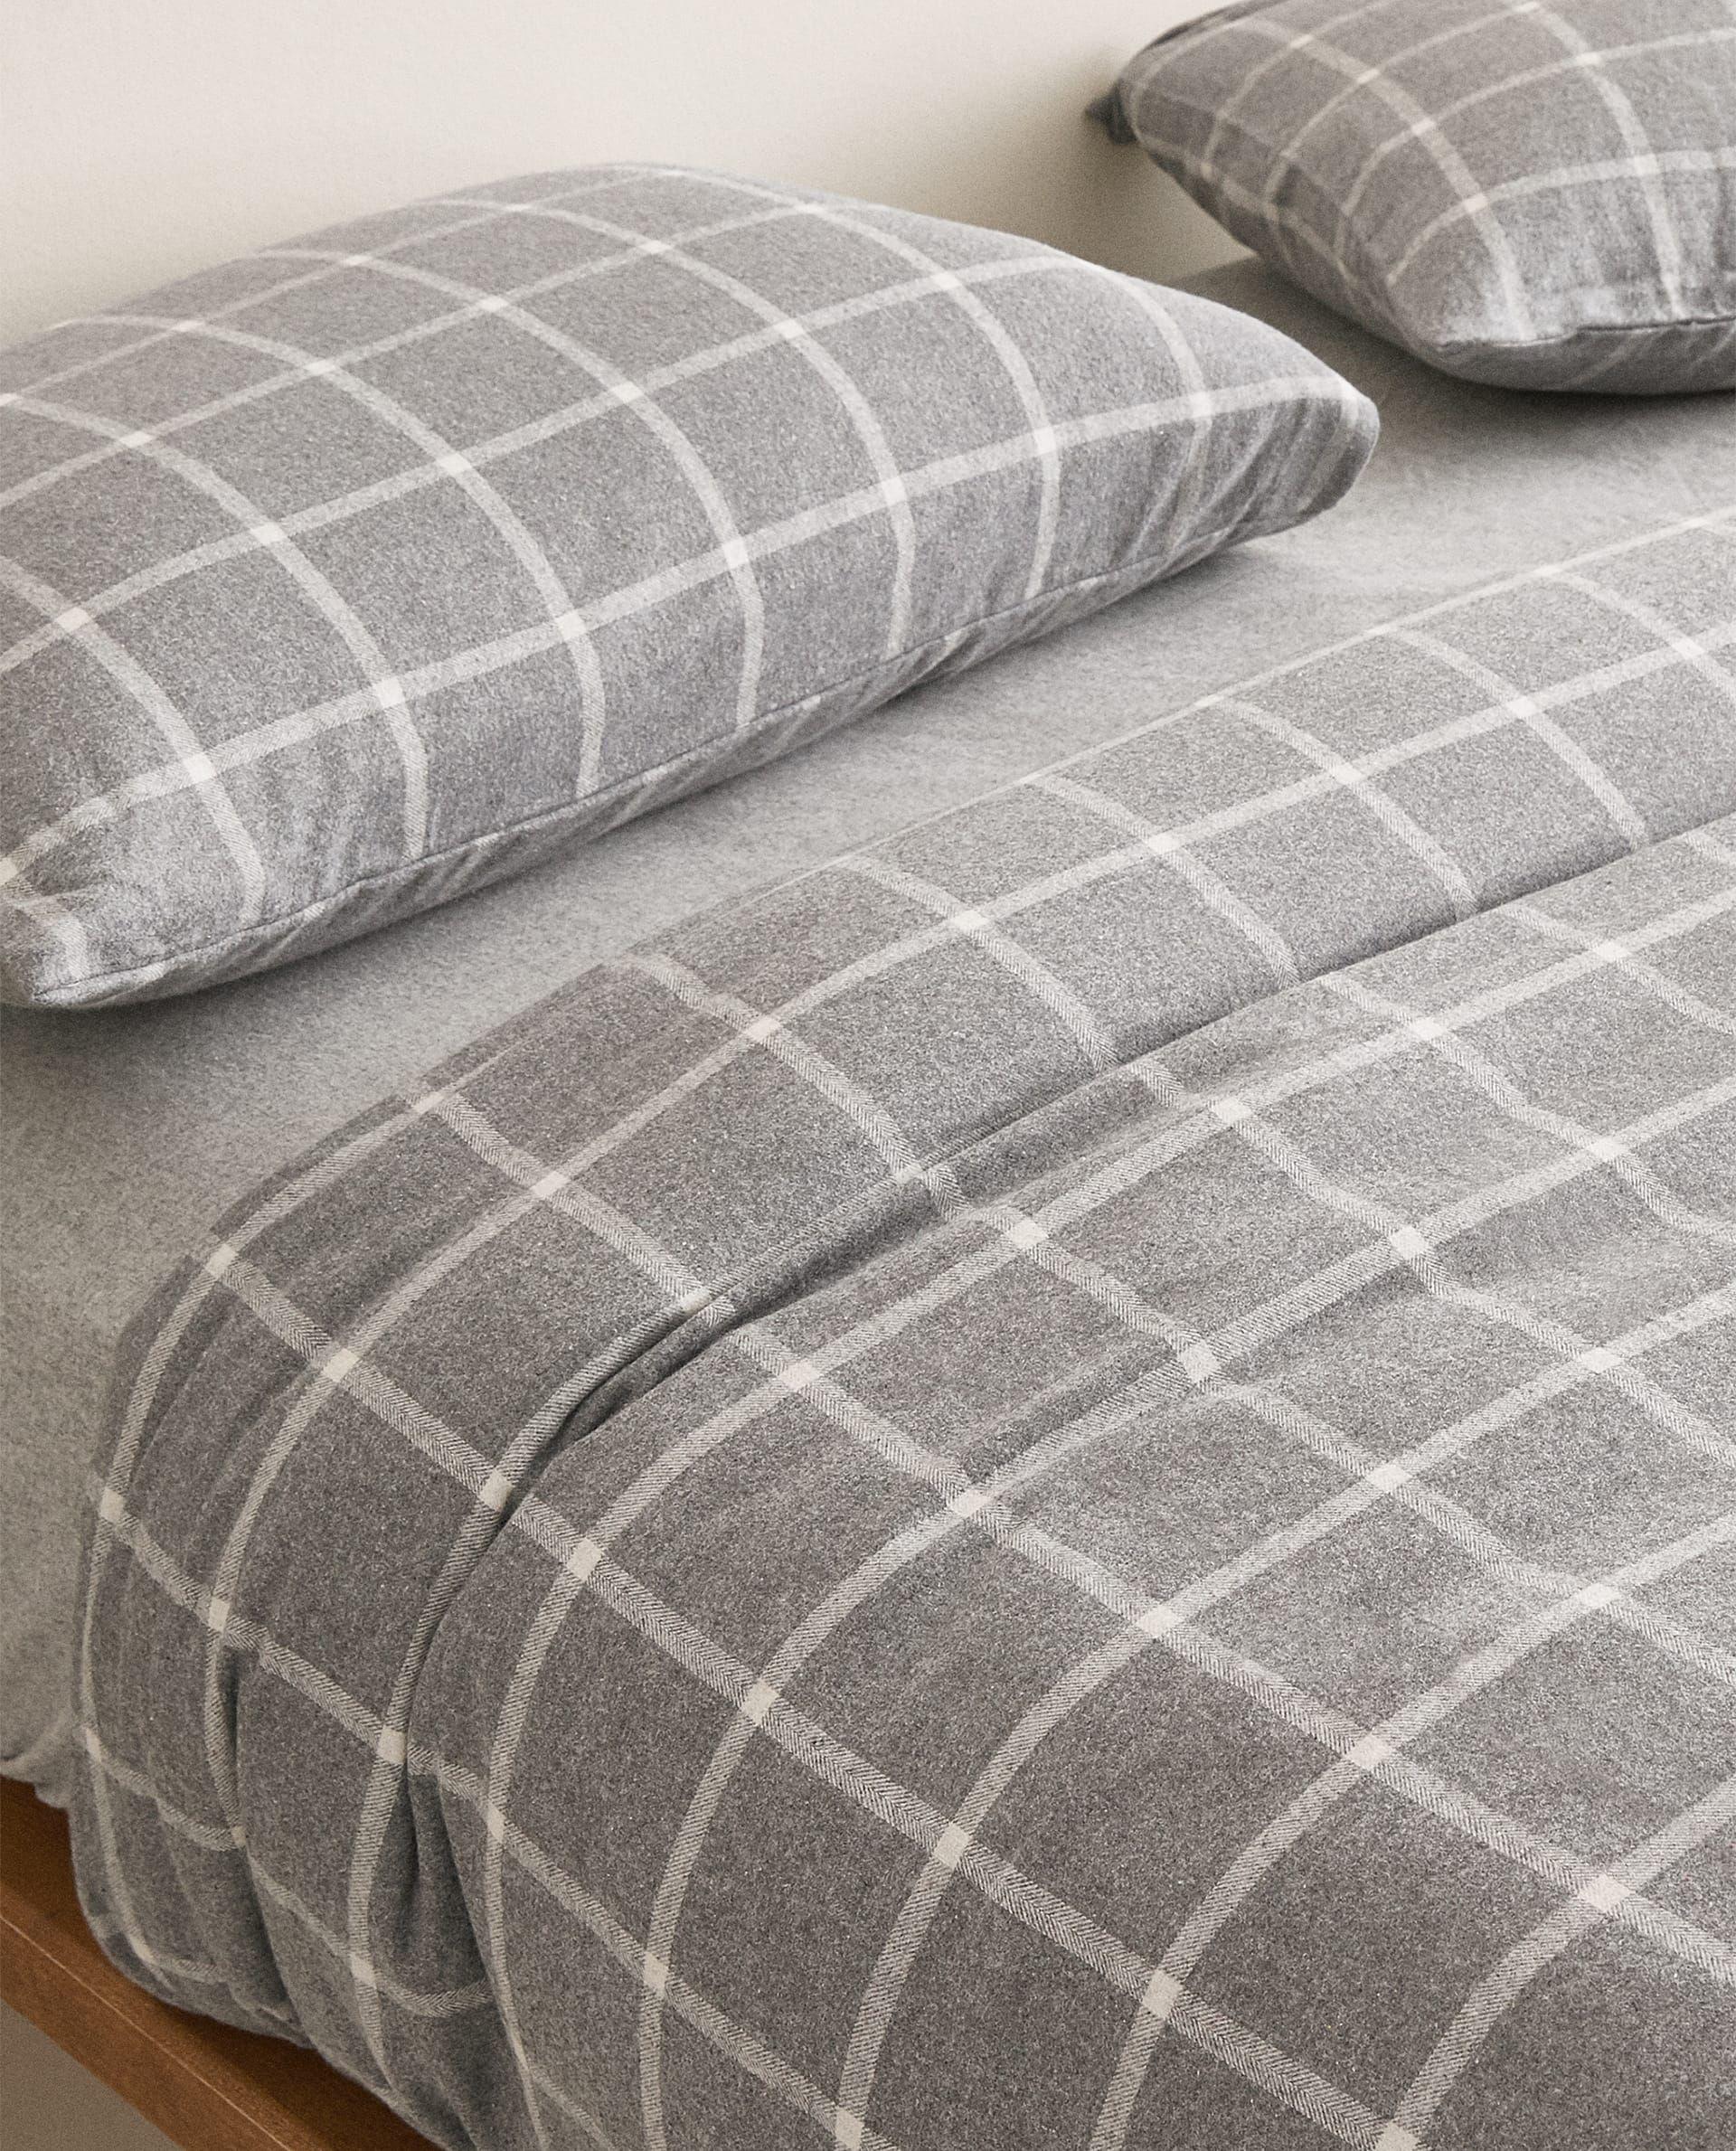 Funda Nórdica Franela Cuadros Fundas Nórdicas Ropa De Cama Dormitorio Nueva Colección Zara Home Méxi Flannel Duvet Cover Zara Home Flannel Bed Sheets